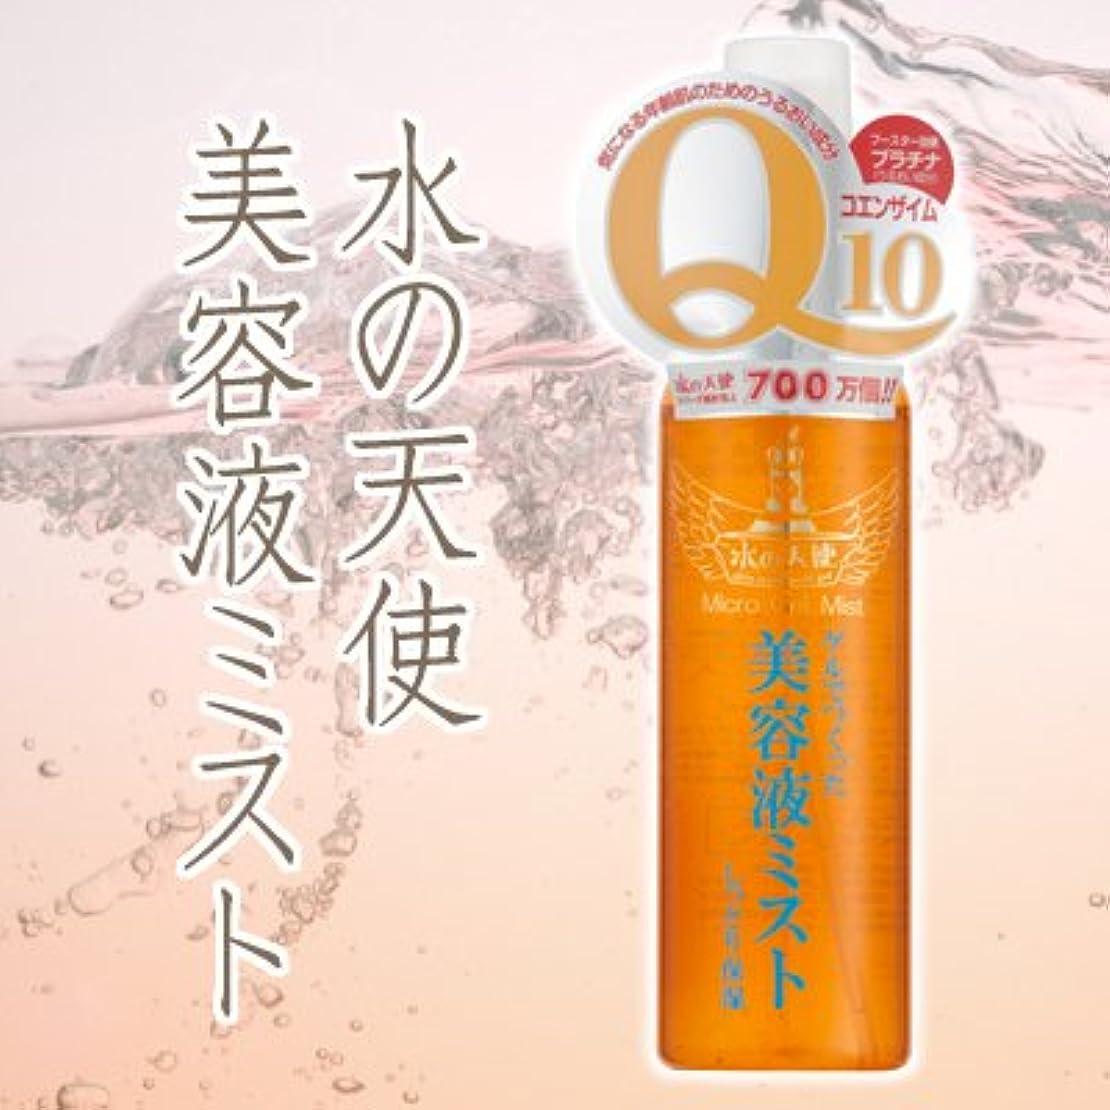 まろやかな擬人職業水の天使美容液ミスト 120ml 2個セット ※あの「水の天使」シリーズから美容液ミストが新登場!